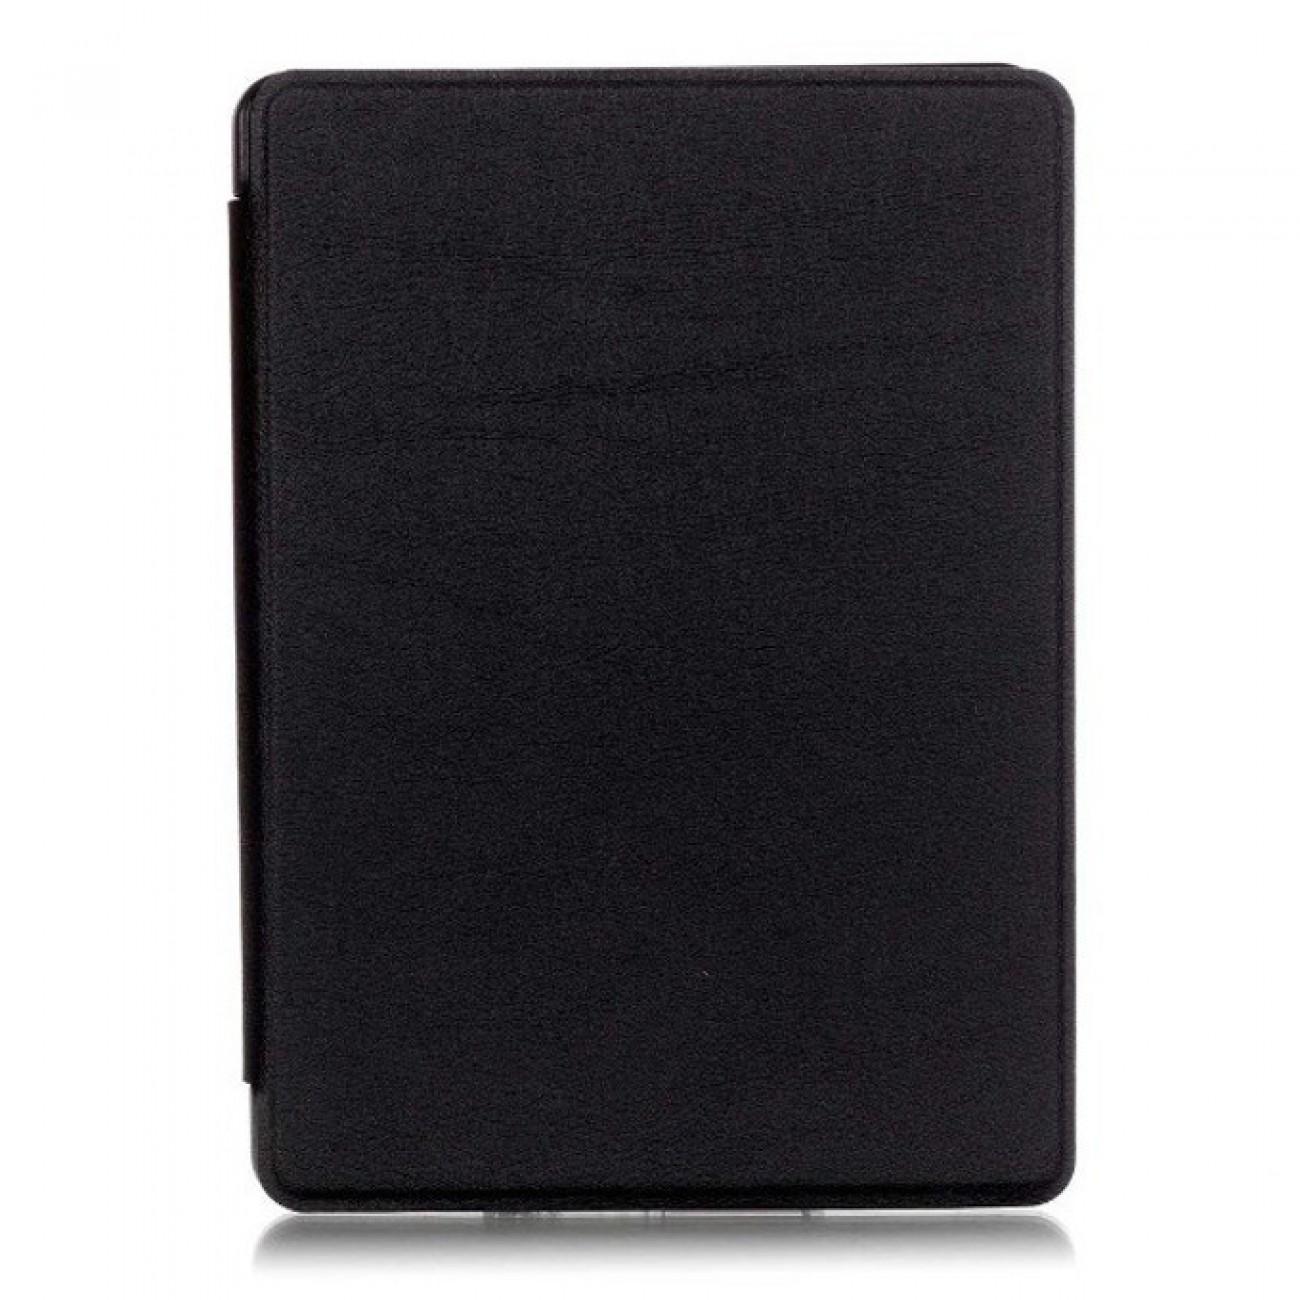 Калъф за Kindle 2016 с подарък протектор за екран и stylus pen, черен в Електронни книги аксесоари -    Alleop